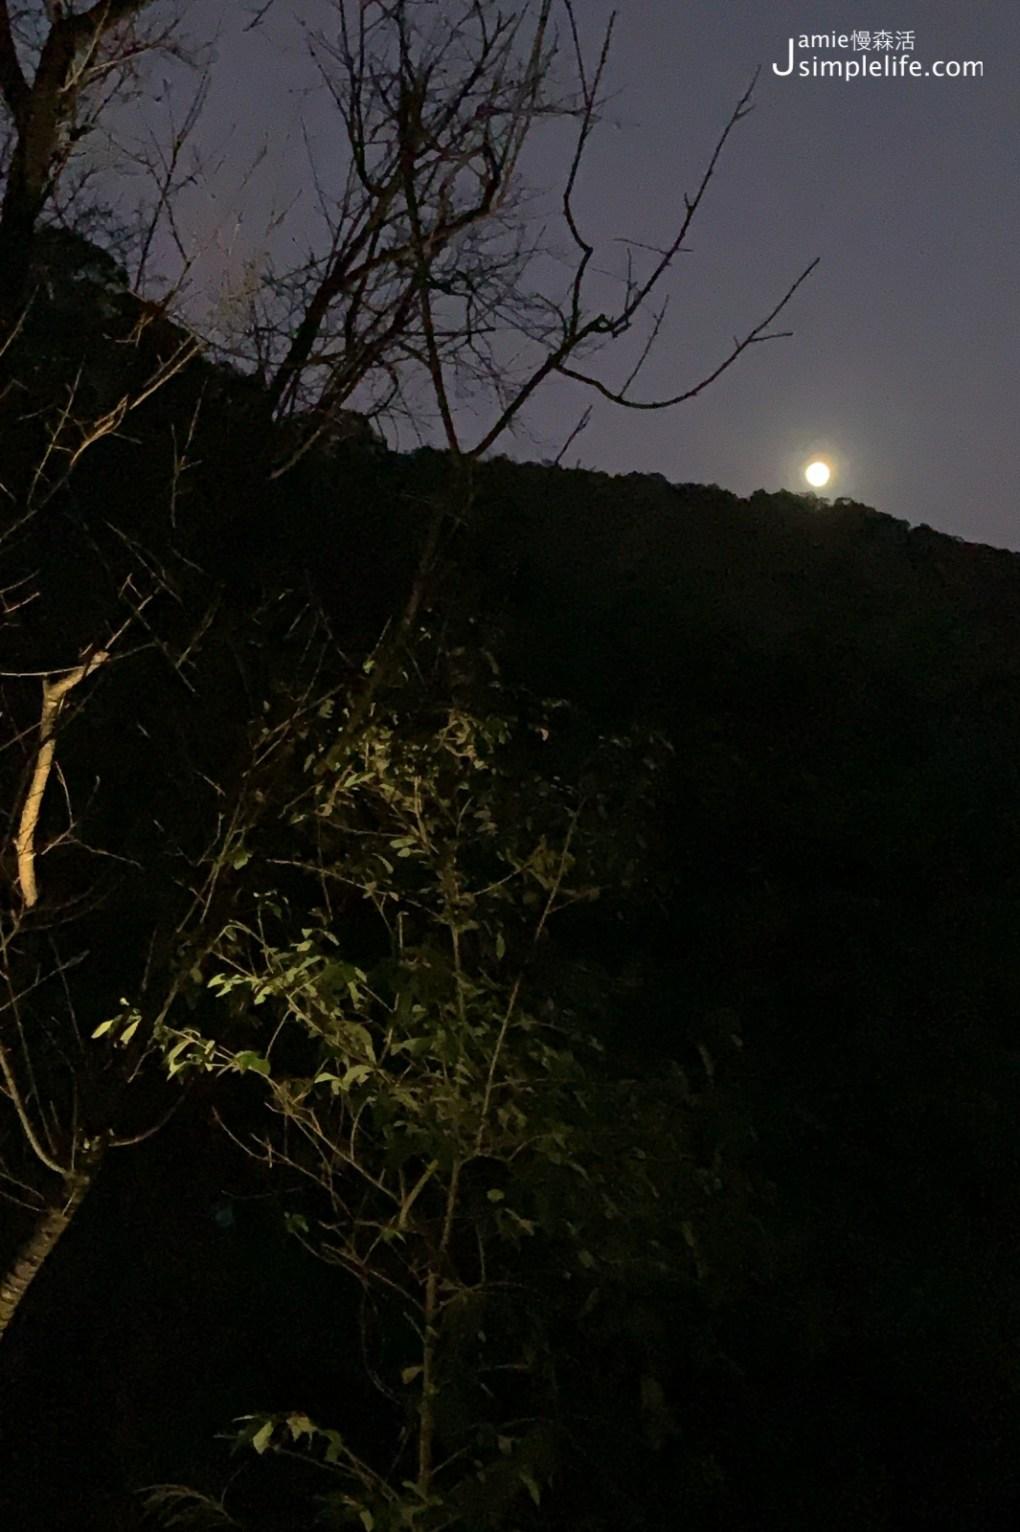 陽明山蒙馬特影像咖啡 裝飾偏甜的用餐環境與氛圍 夜晚樣子月光